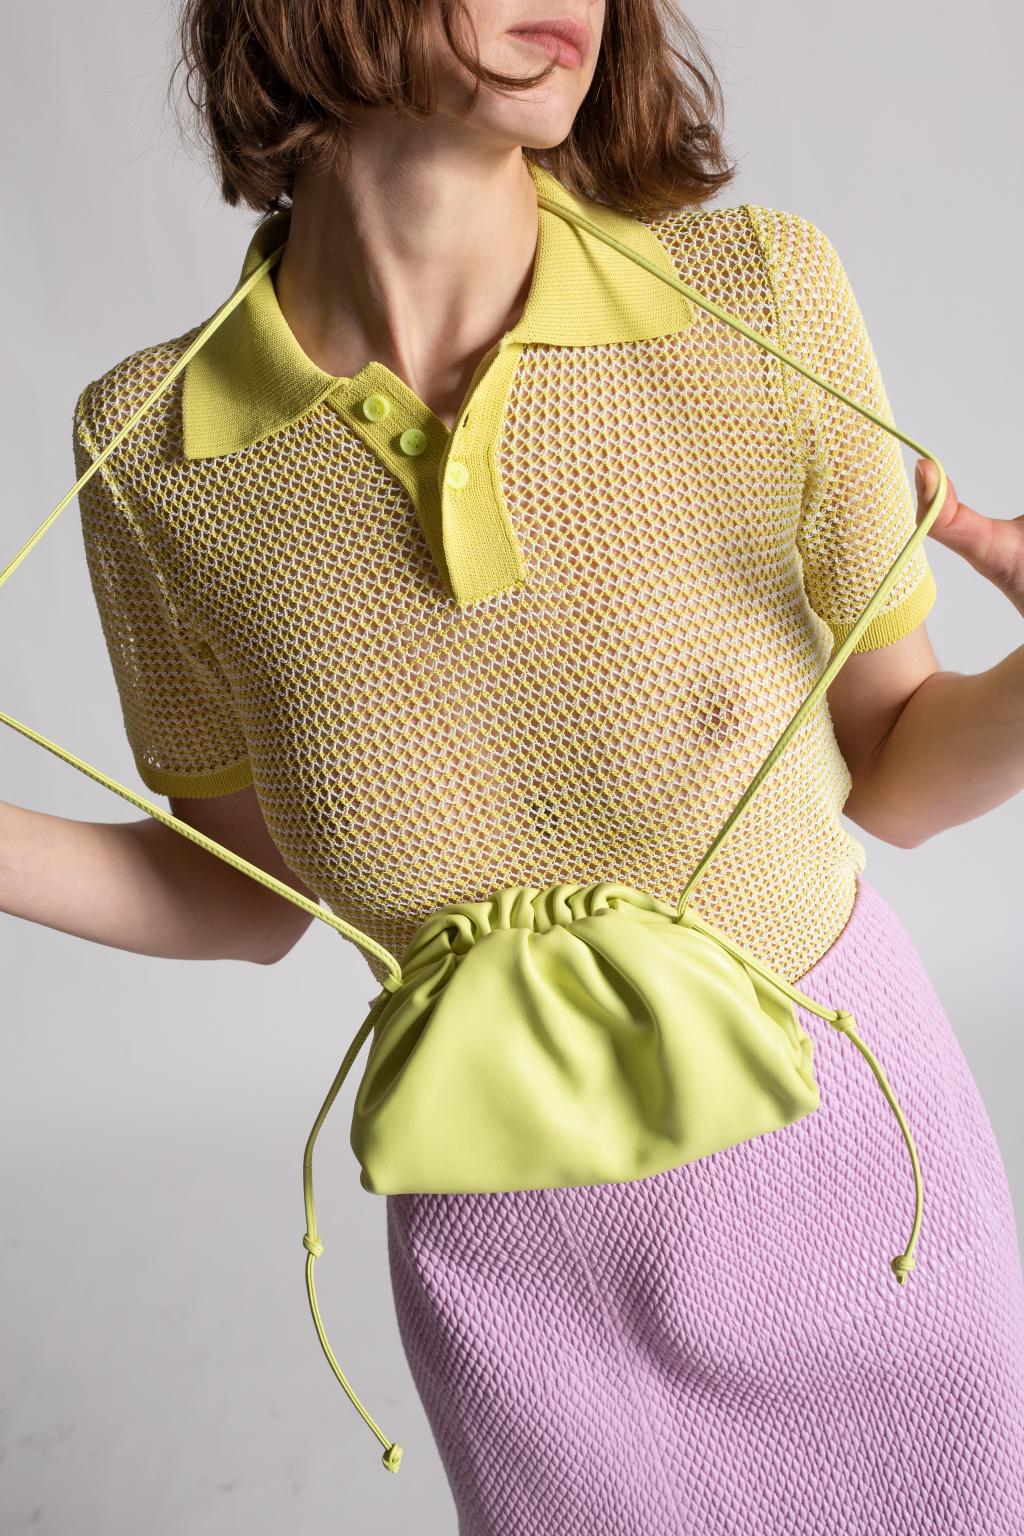 Bottega Veneta 'The Mini Pouch' shoulder bag